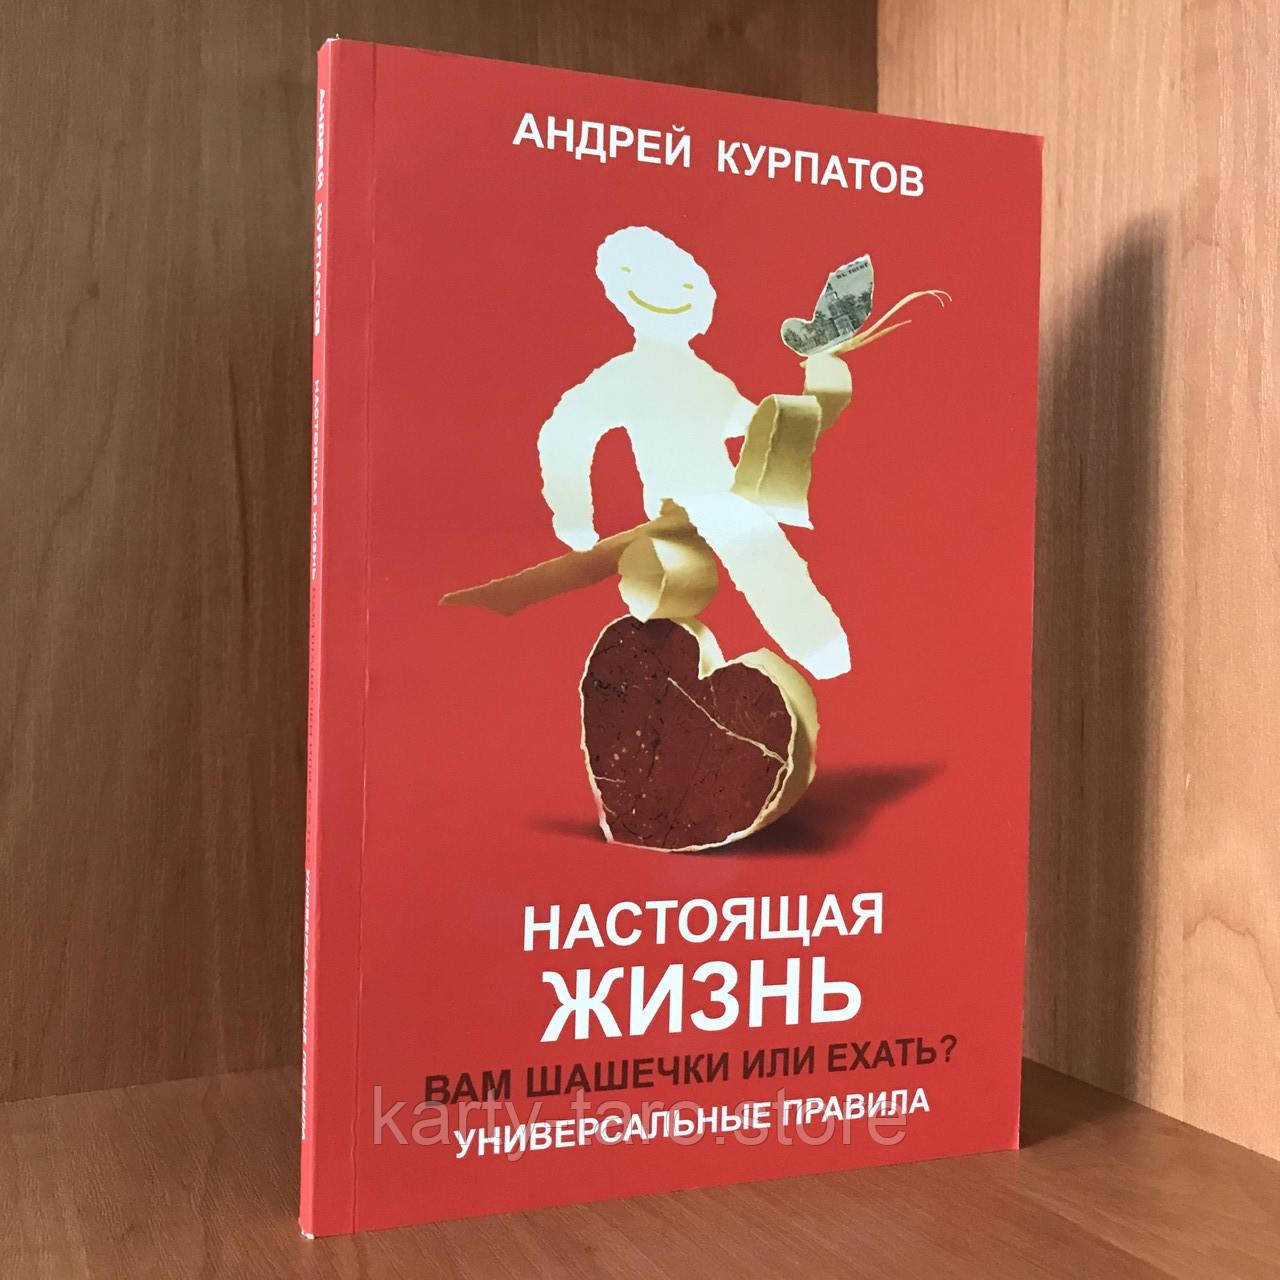 Книга Справжнє життя. Вам шашечки чи їхати? - Андрій Курпатов